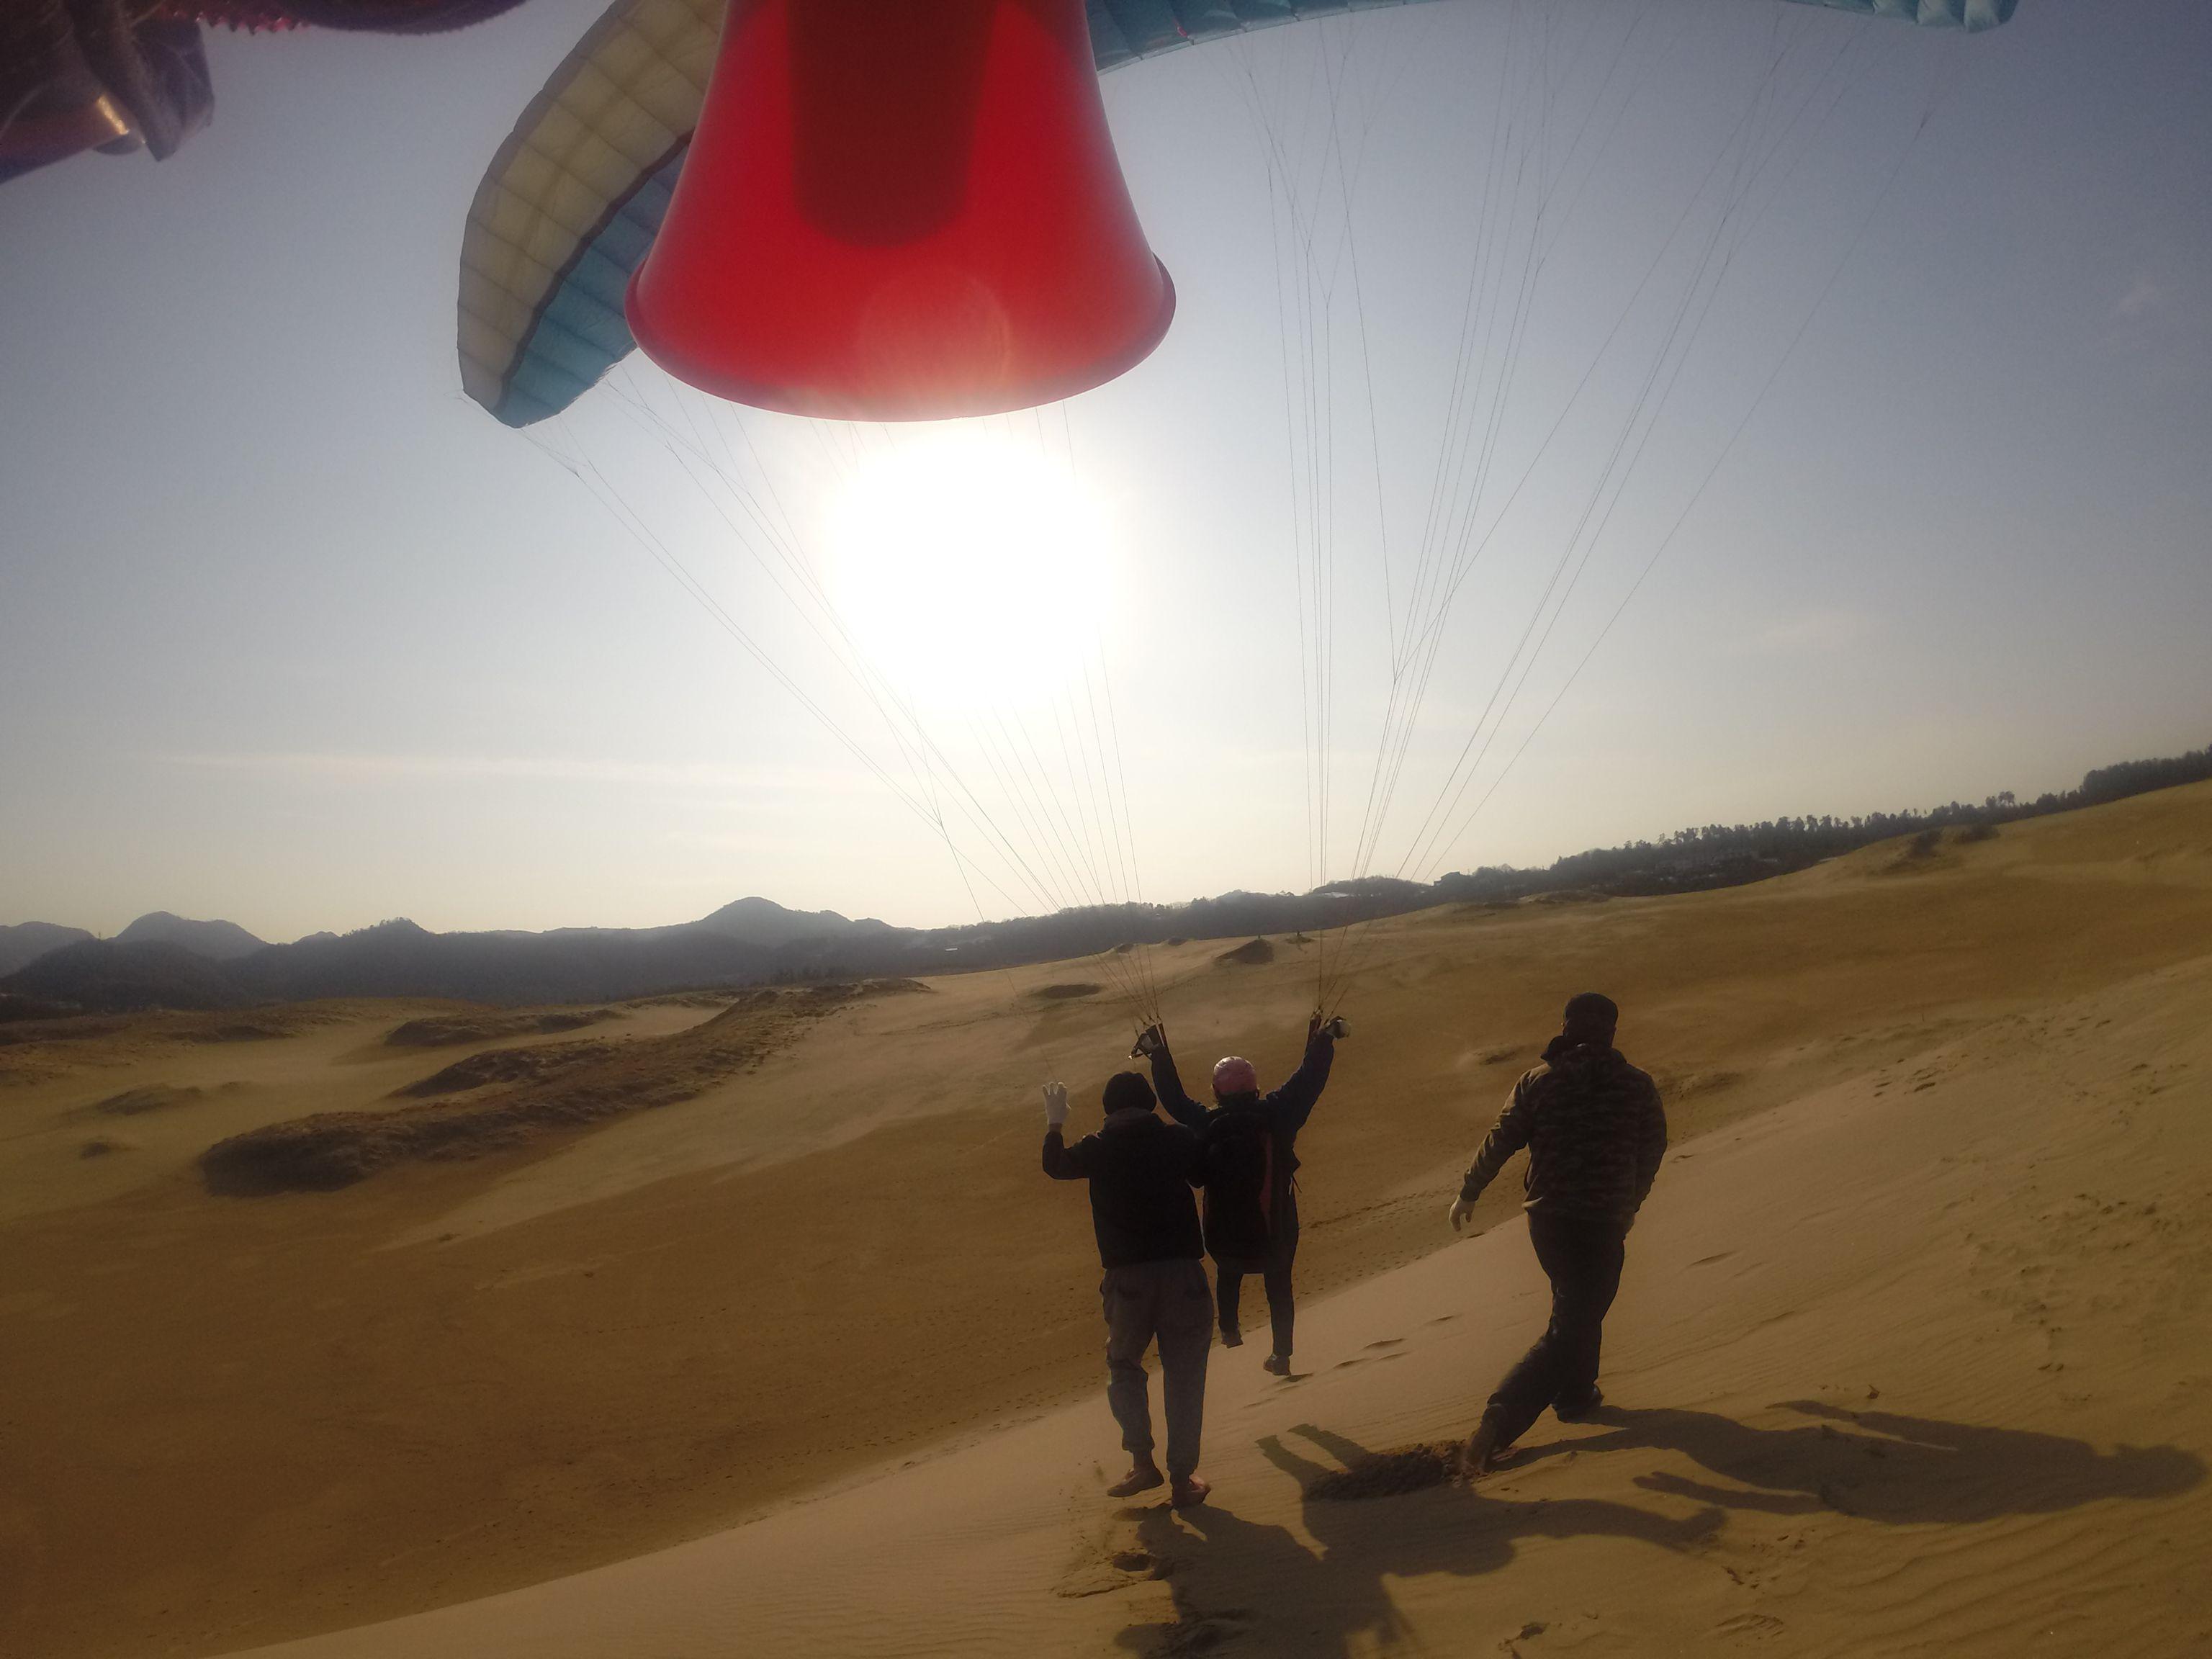 南斜面から勢いよく飛び出すパラグライダー